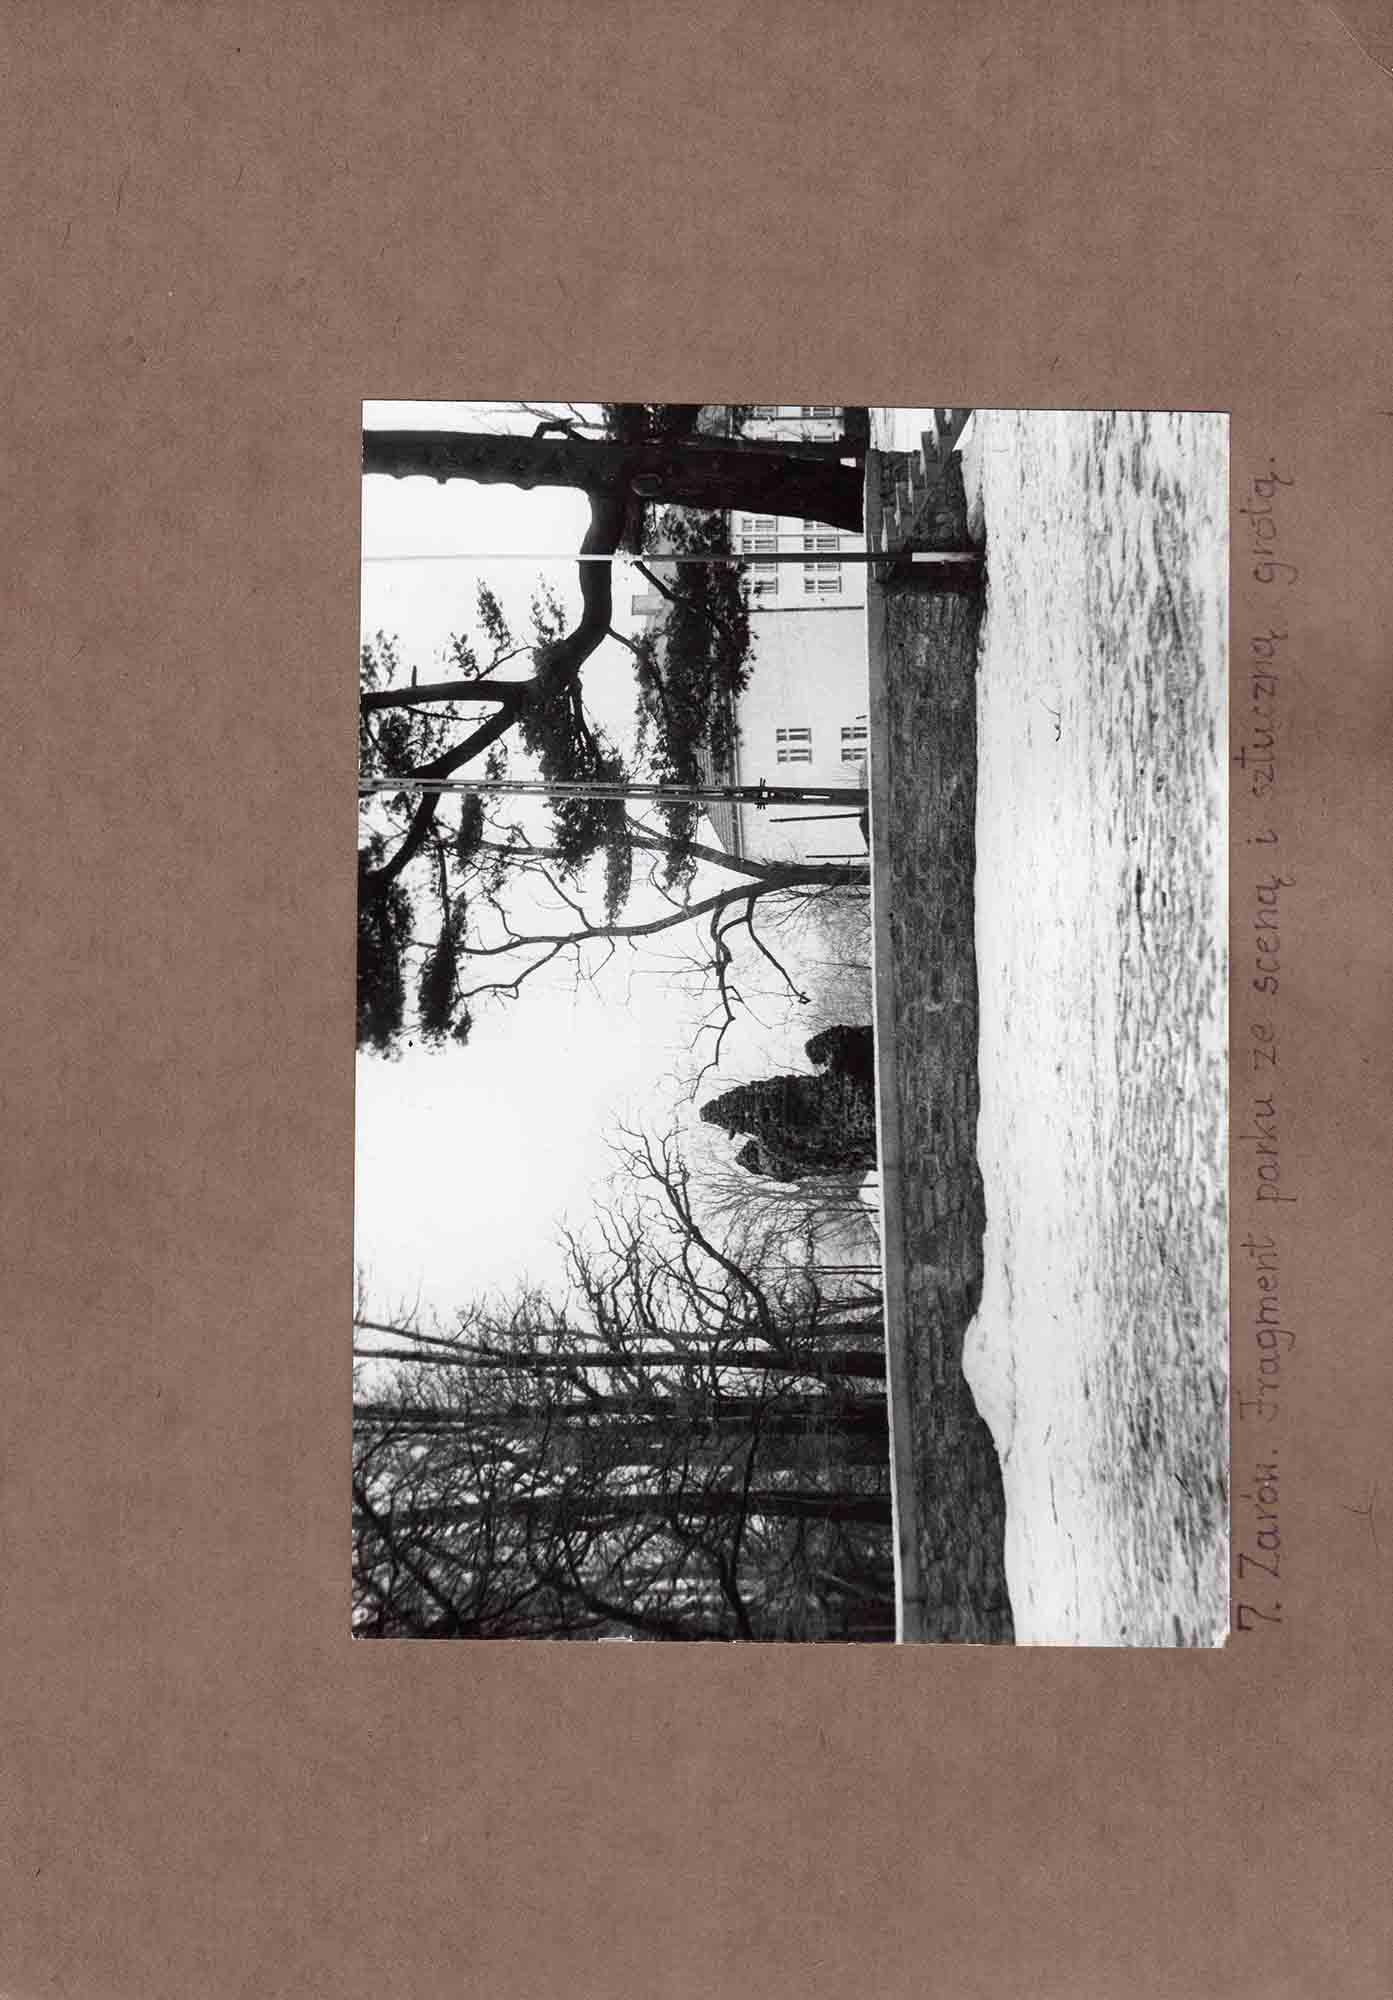 Ewidencja założenia ogrodowo-parkowego 1987 dokument (21)